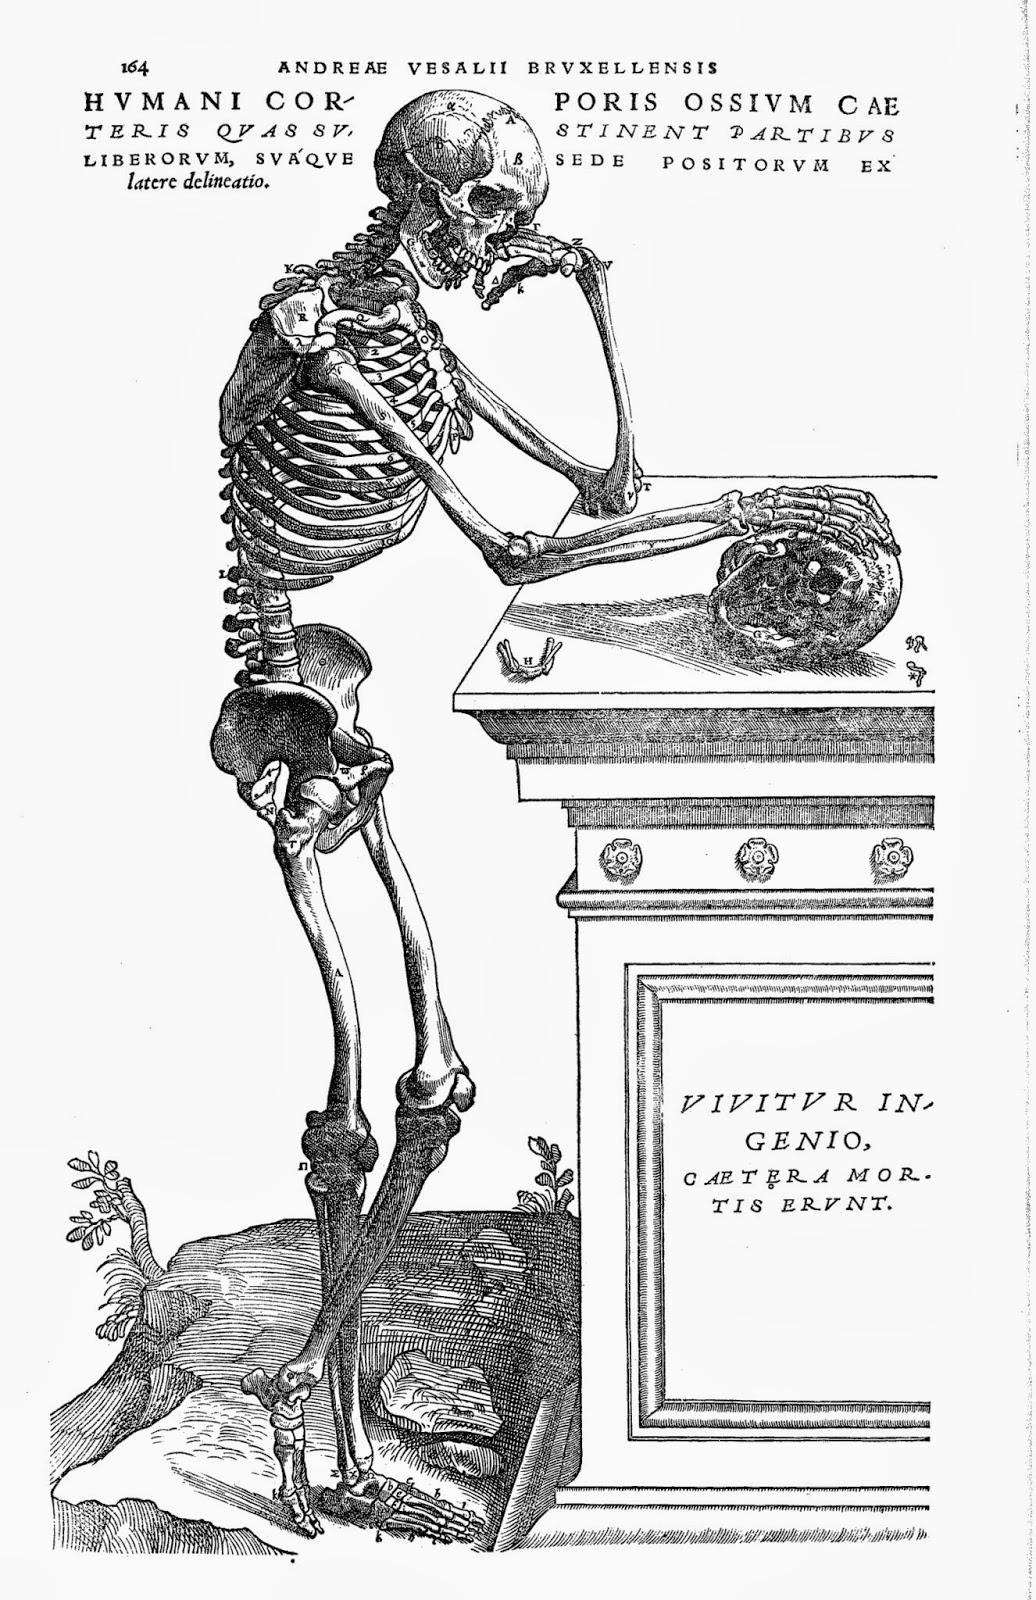 解剖学と芸術: 『ファブリカ』の解剖図の芸術性